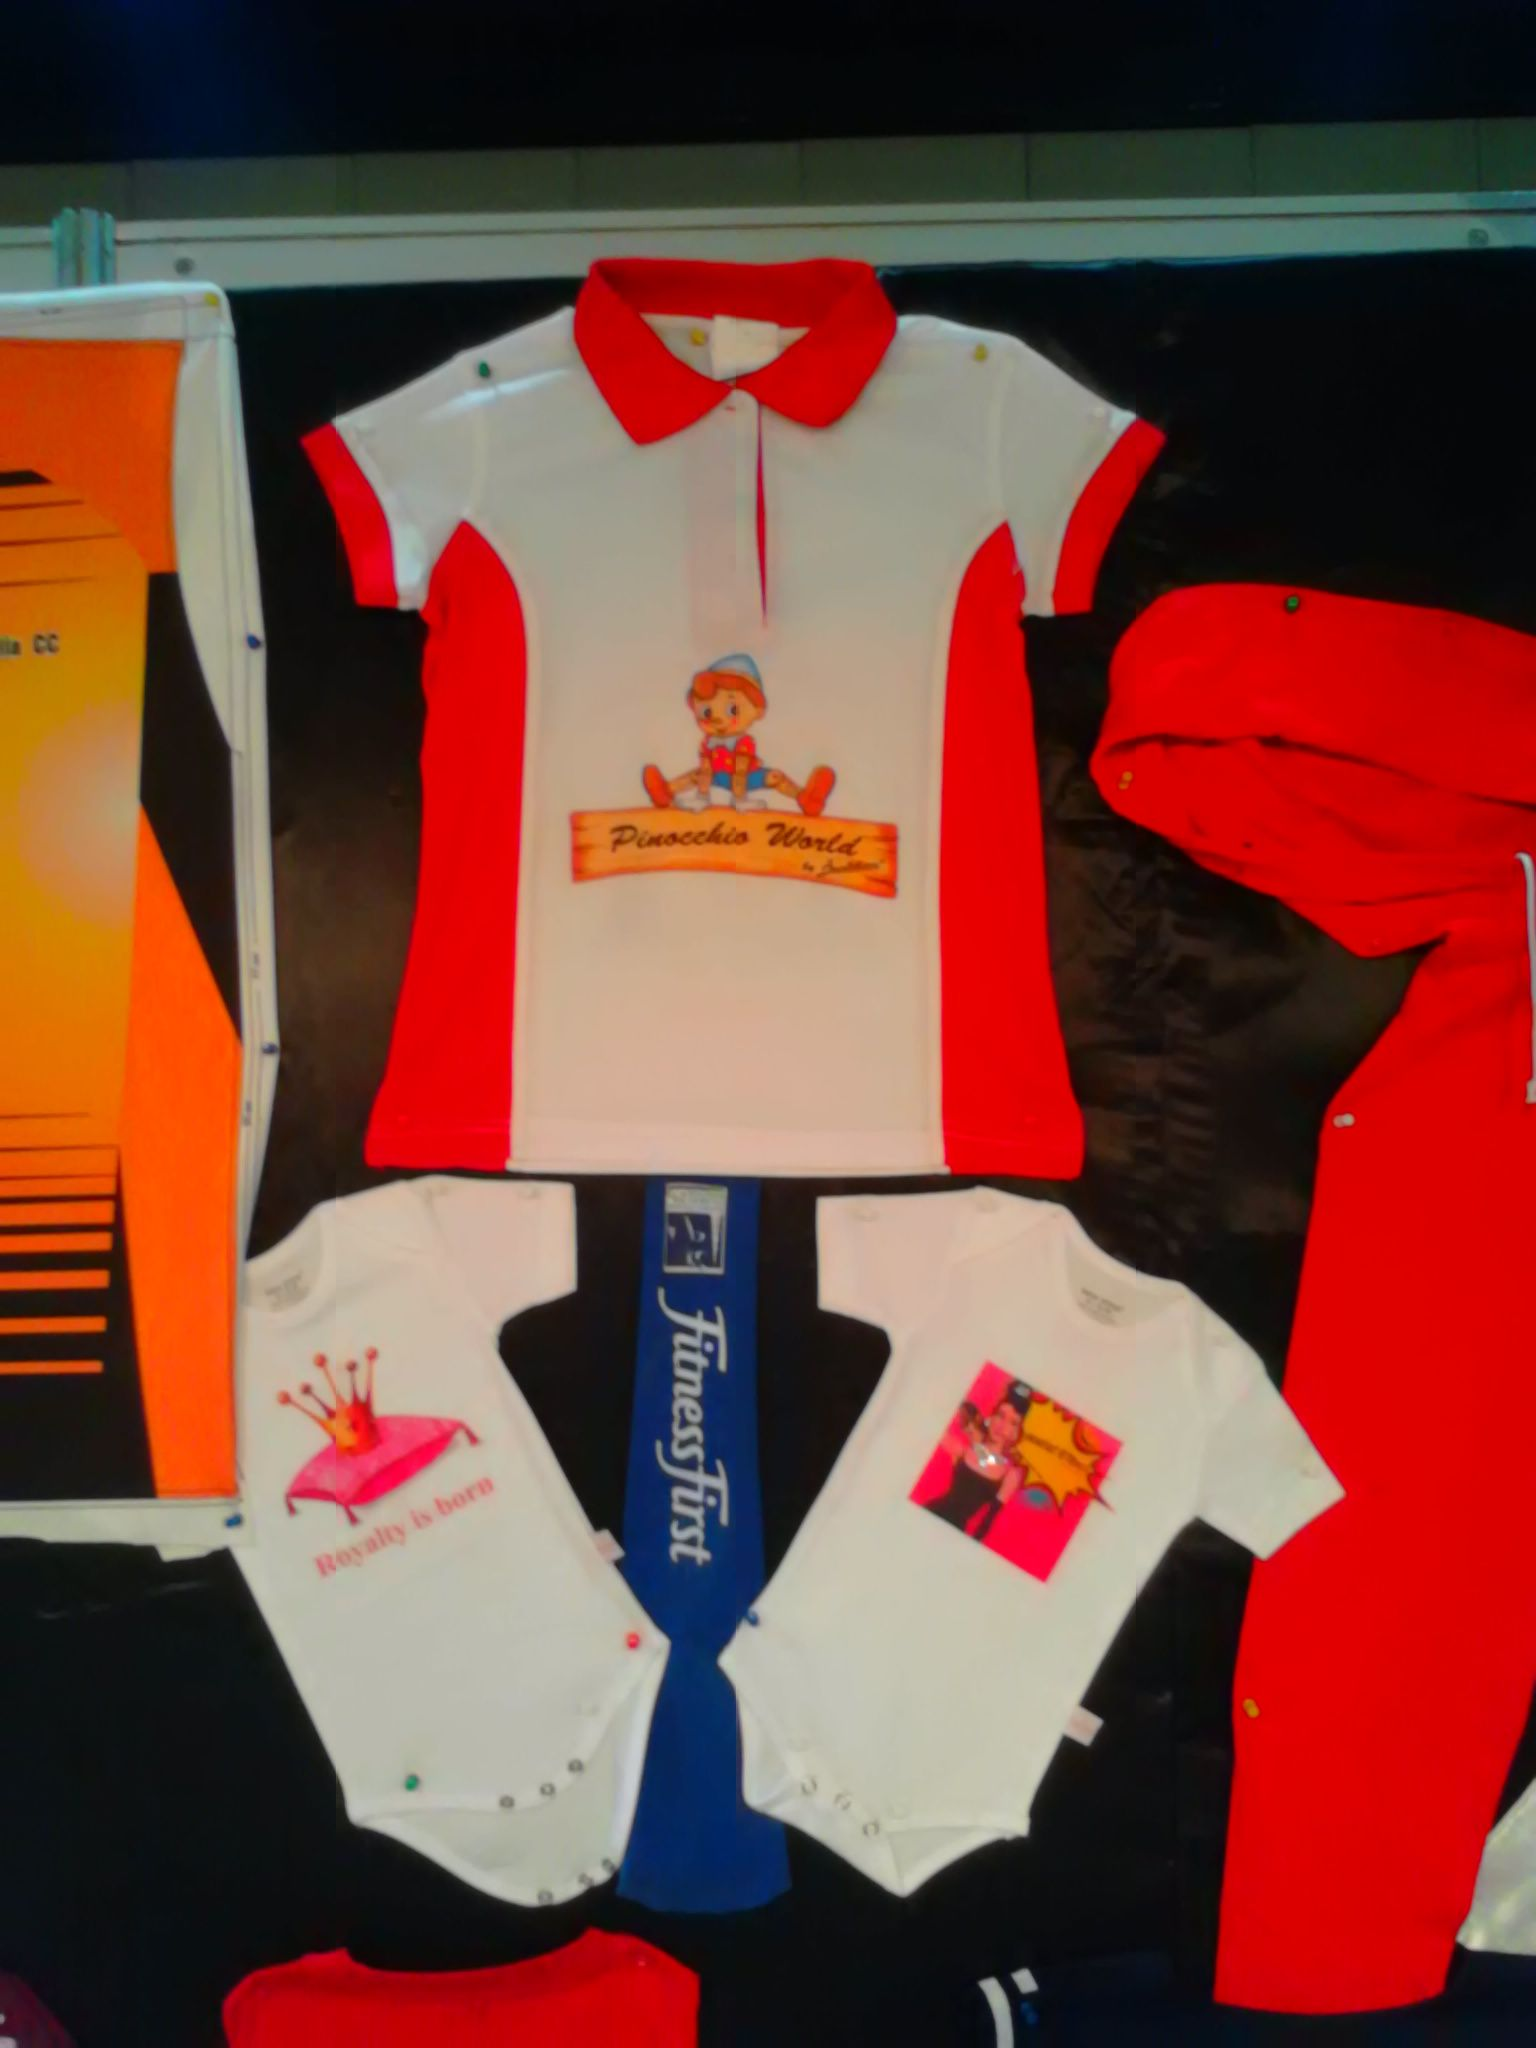 ead64771a Tshirt Printing Uae Exhibition At World Trade Center Dubai | T ...